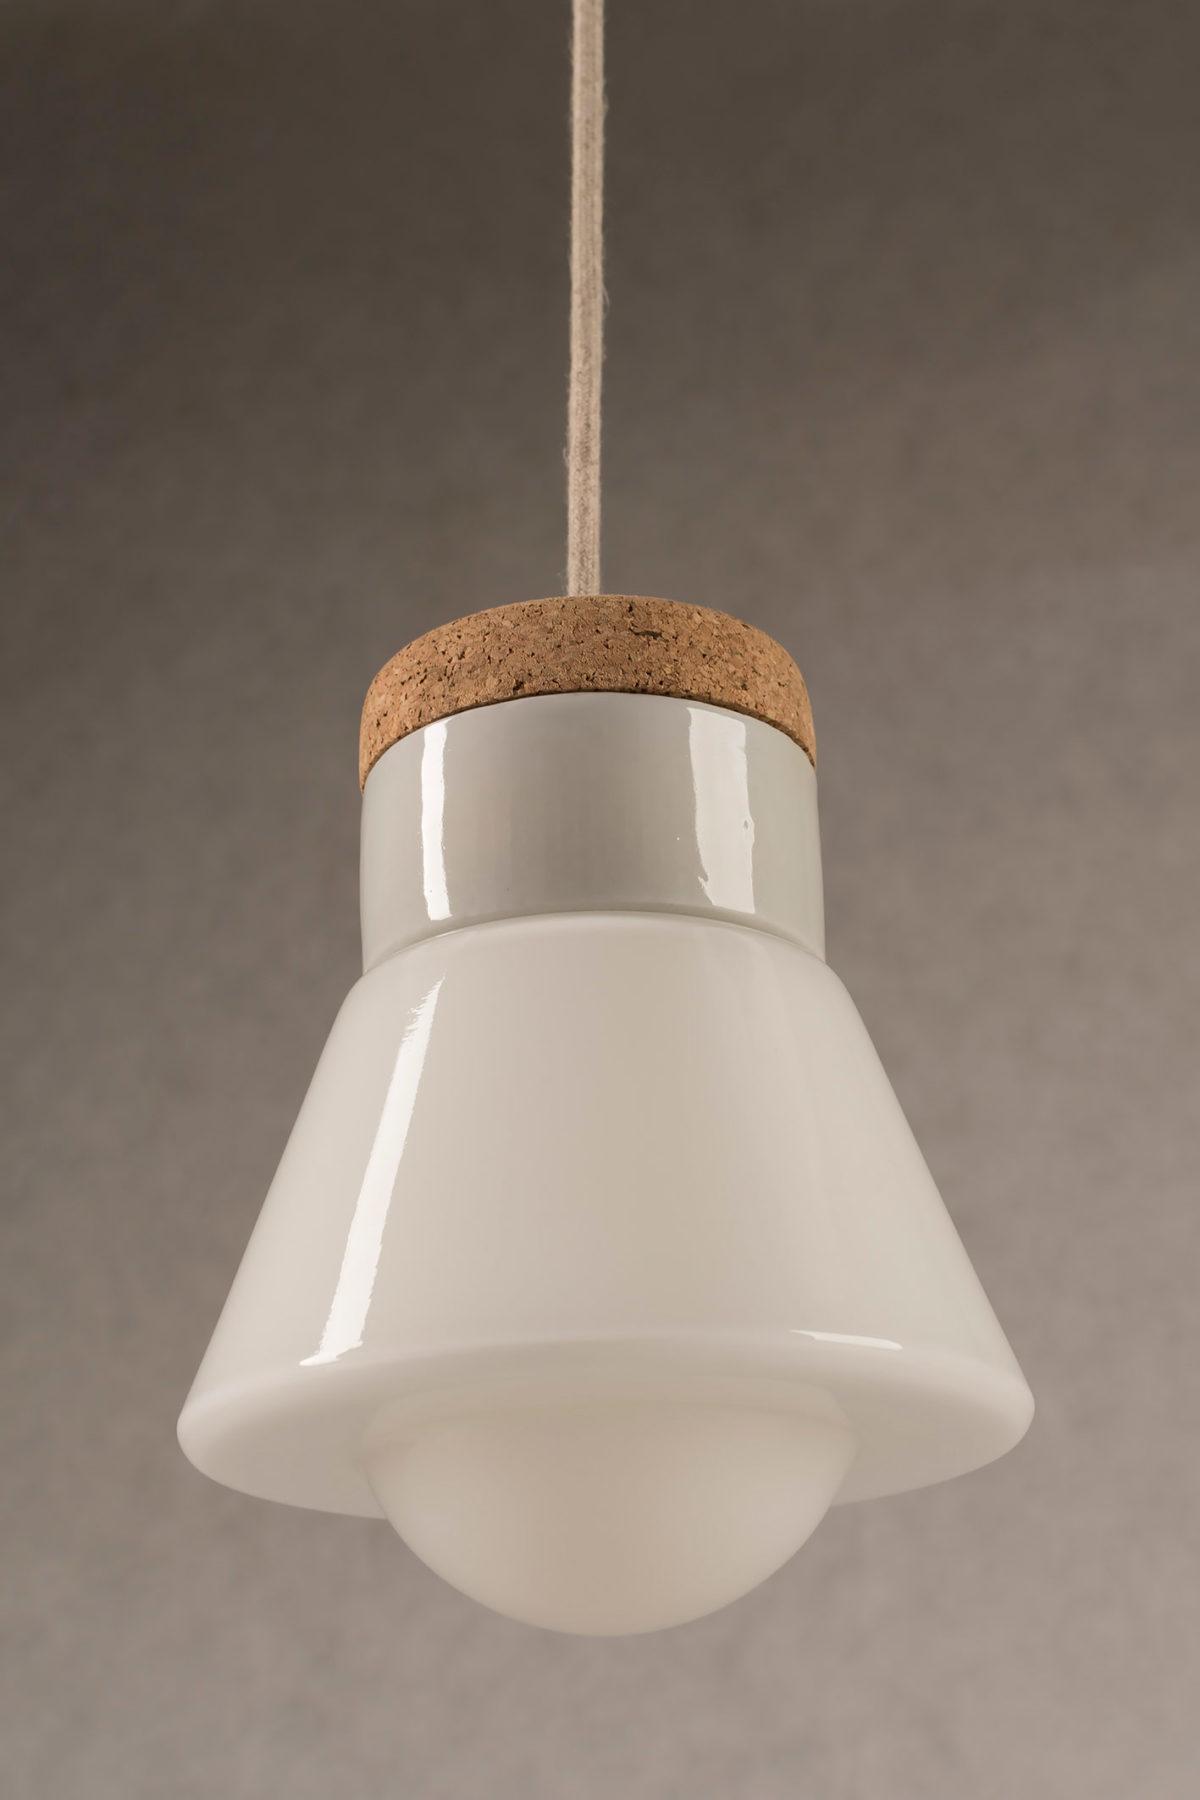 isząca lampa korkowa Dzwonek ze szklanym białym kloszem